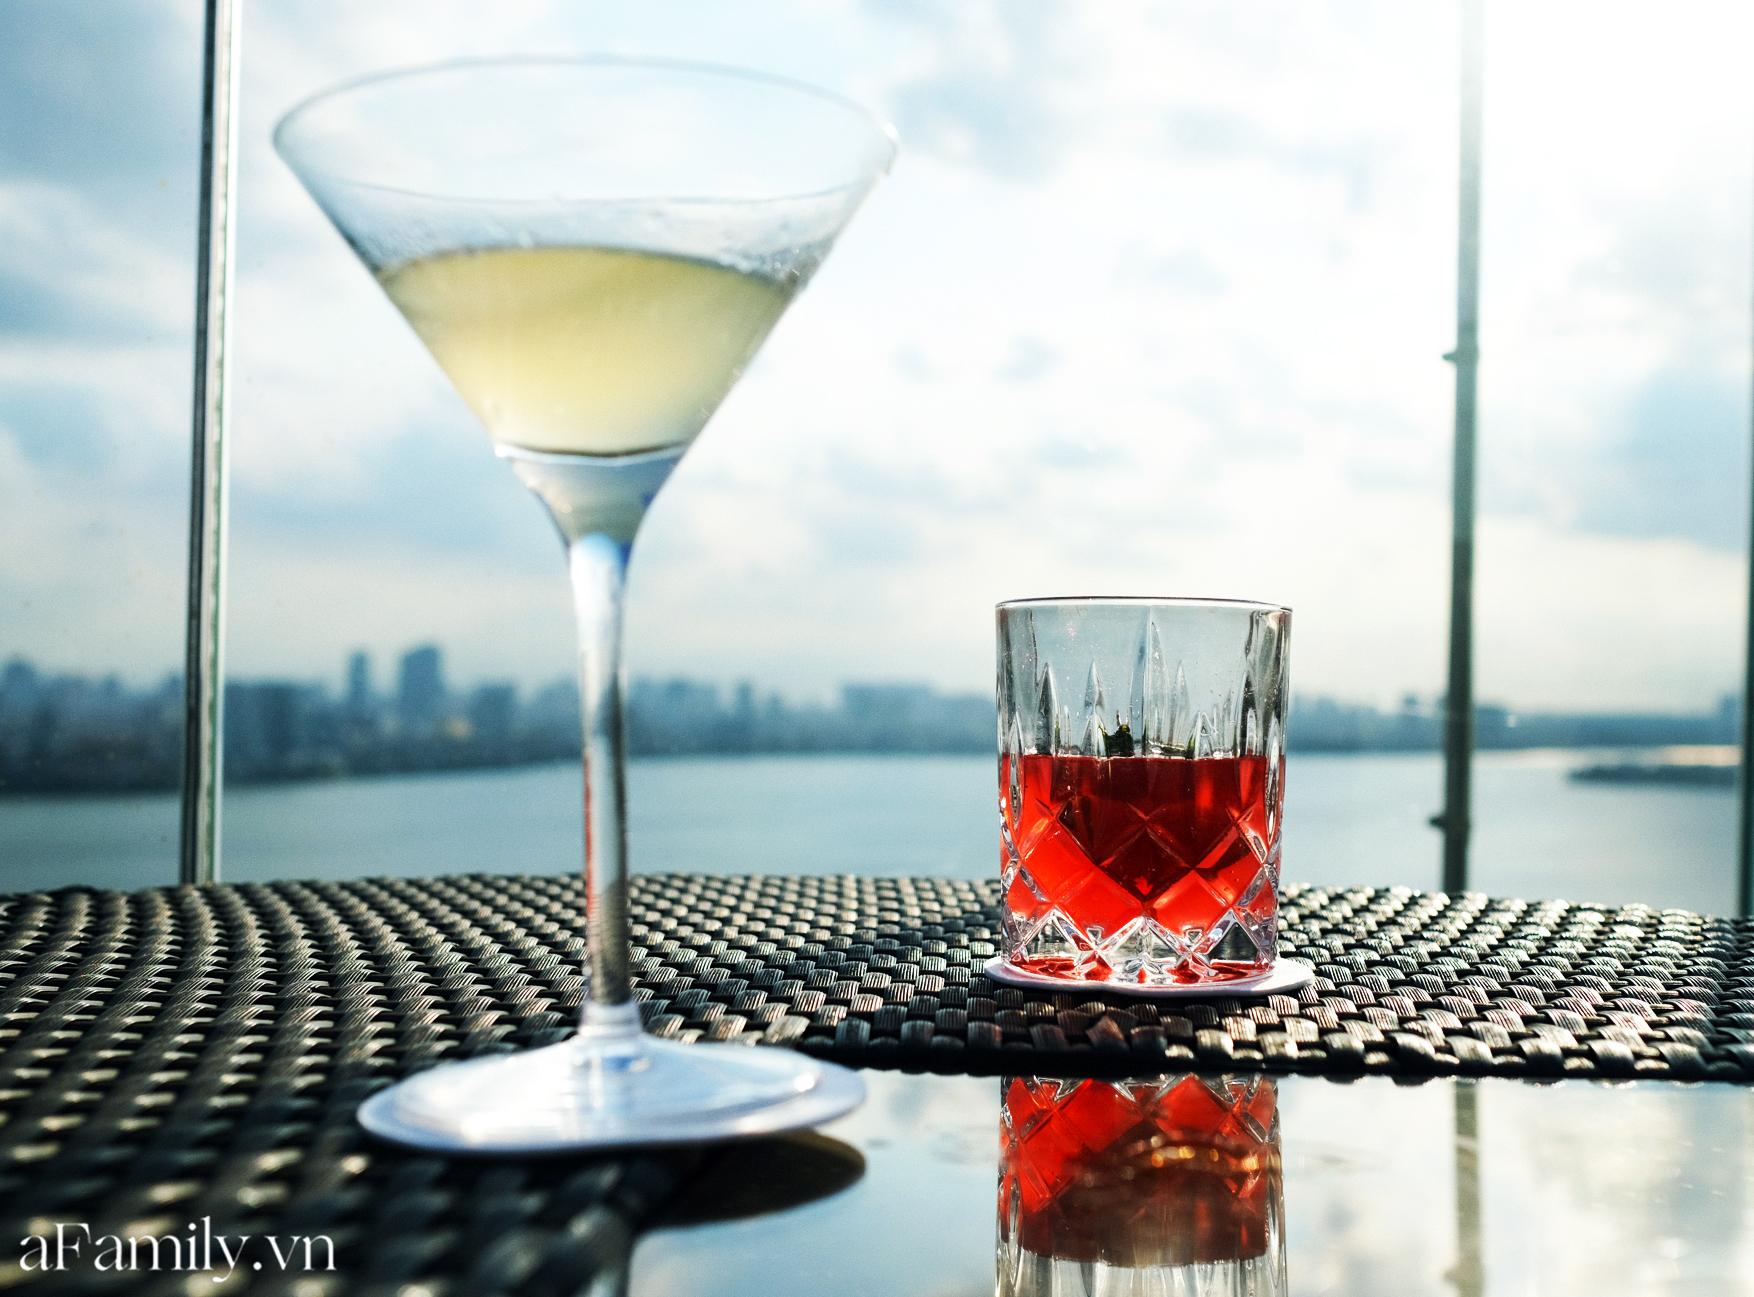 4 quán pub có view ngắm hồ Tây cực đỉnh dành cho những cô nàng đam mê văn hóa Apéro - hết giờ làm là đến luôn giờ chill! - Ảnh 6.